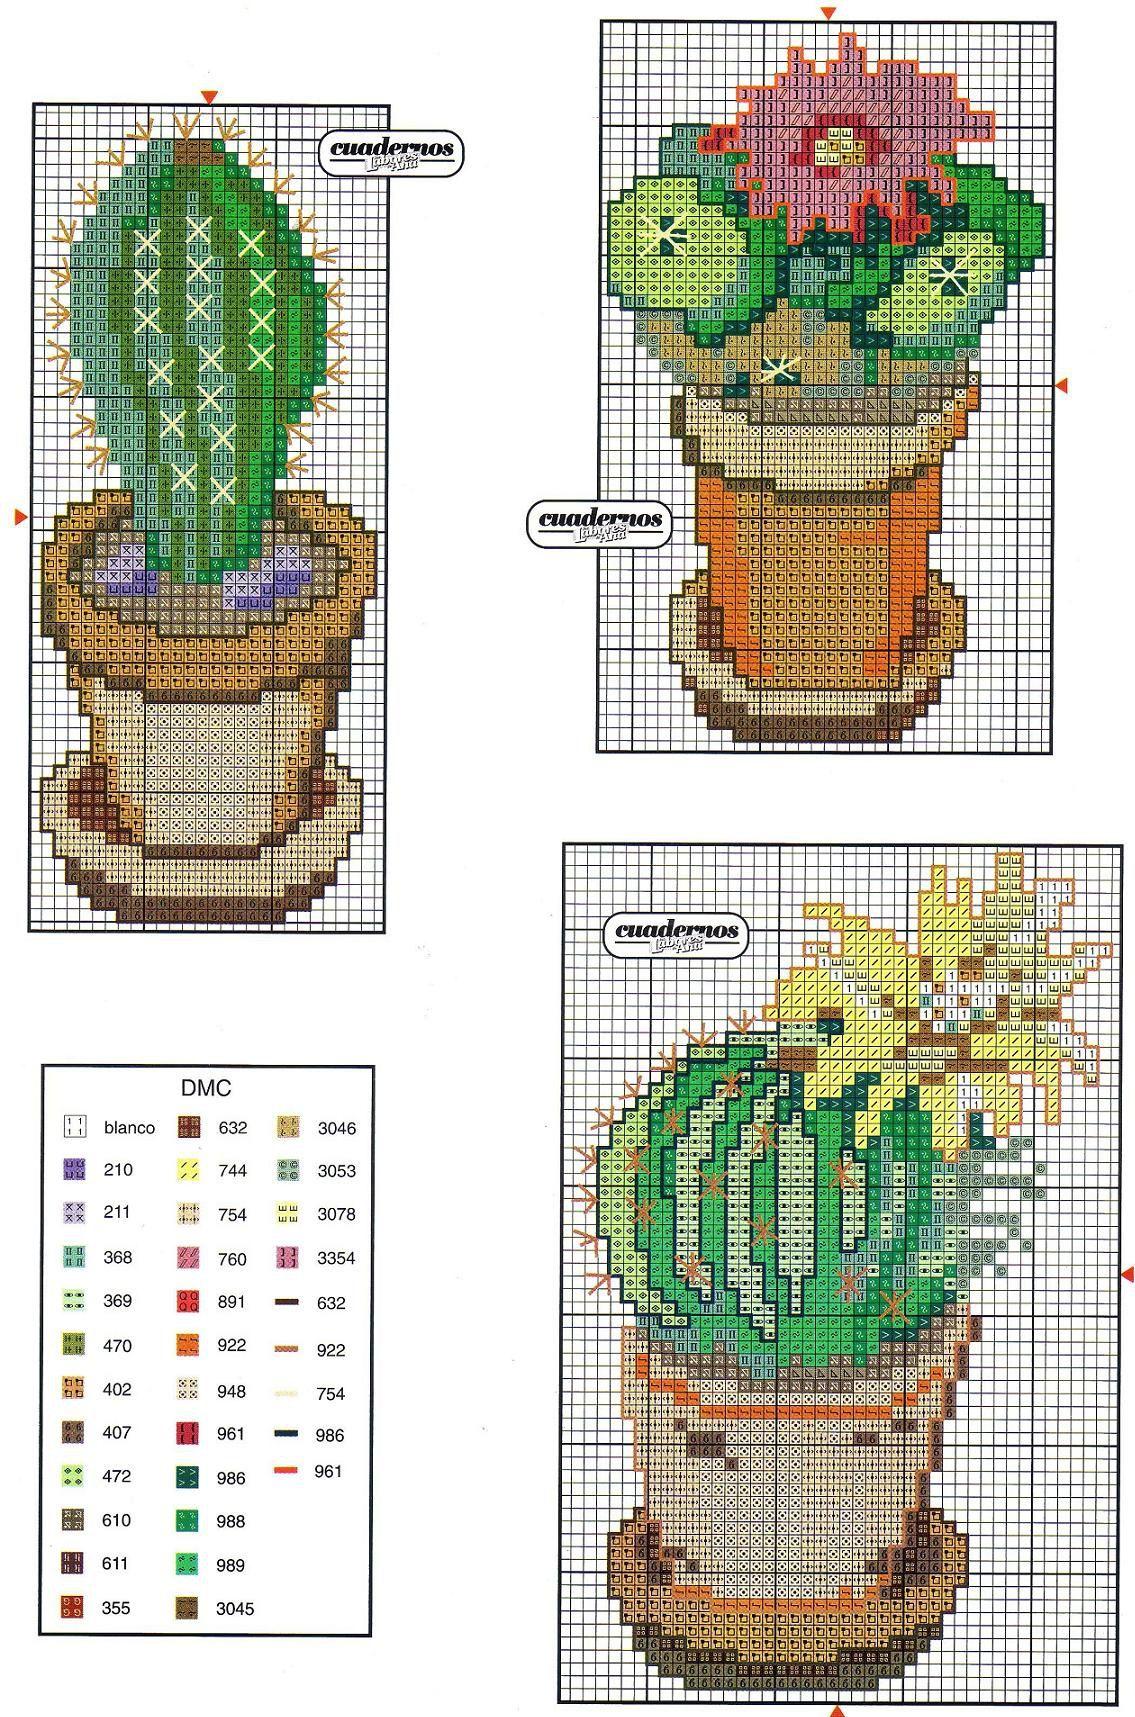 Point de croix Cactus*m@* Cross stitch | Cross Stitch ...